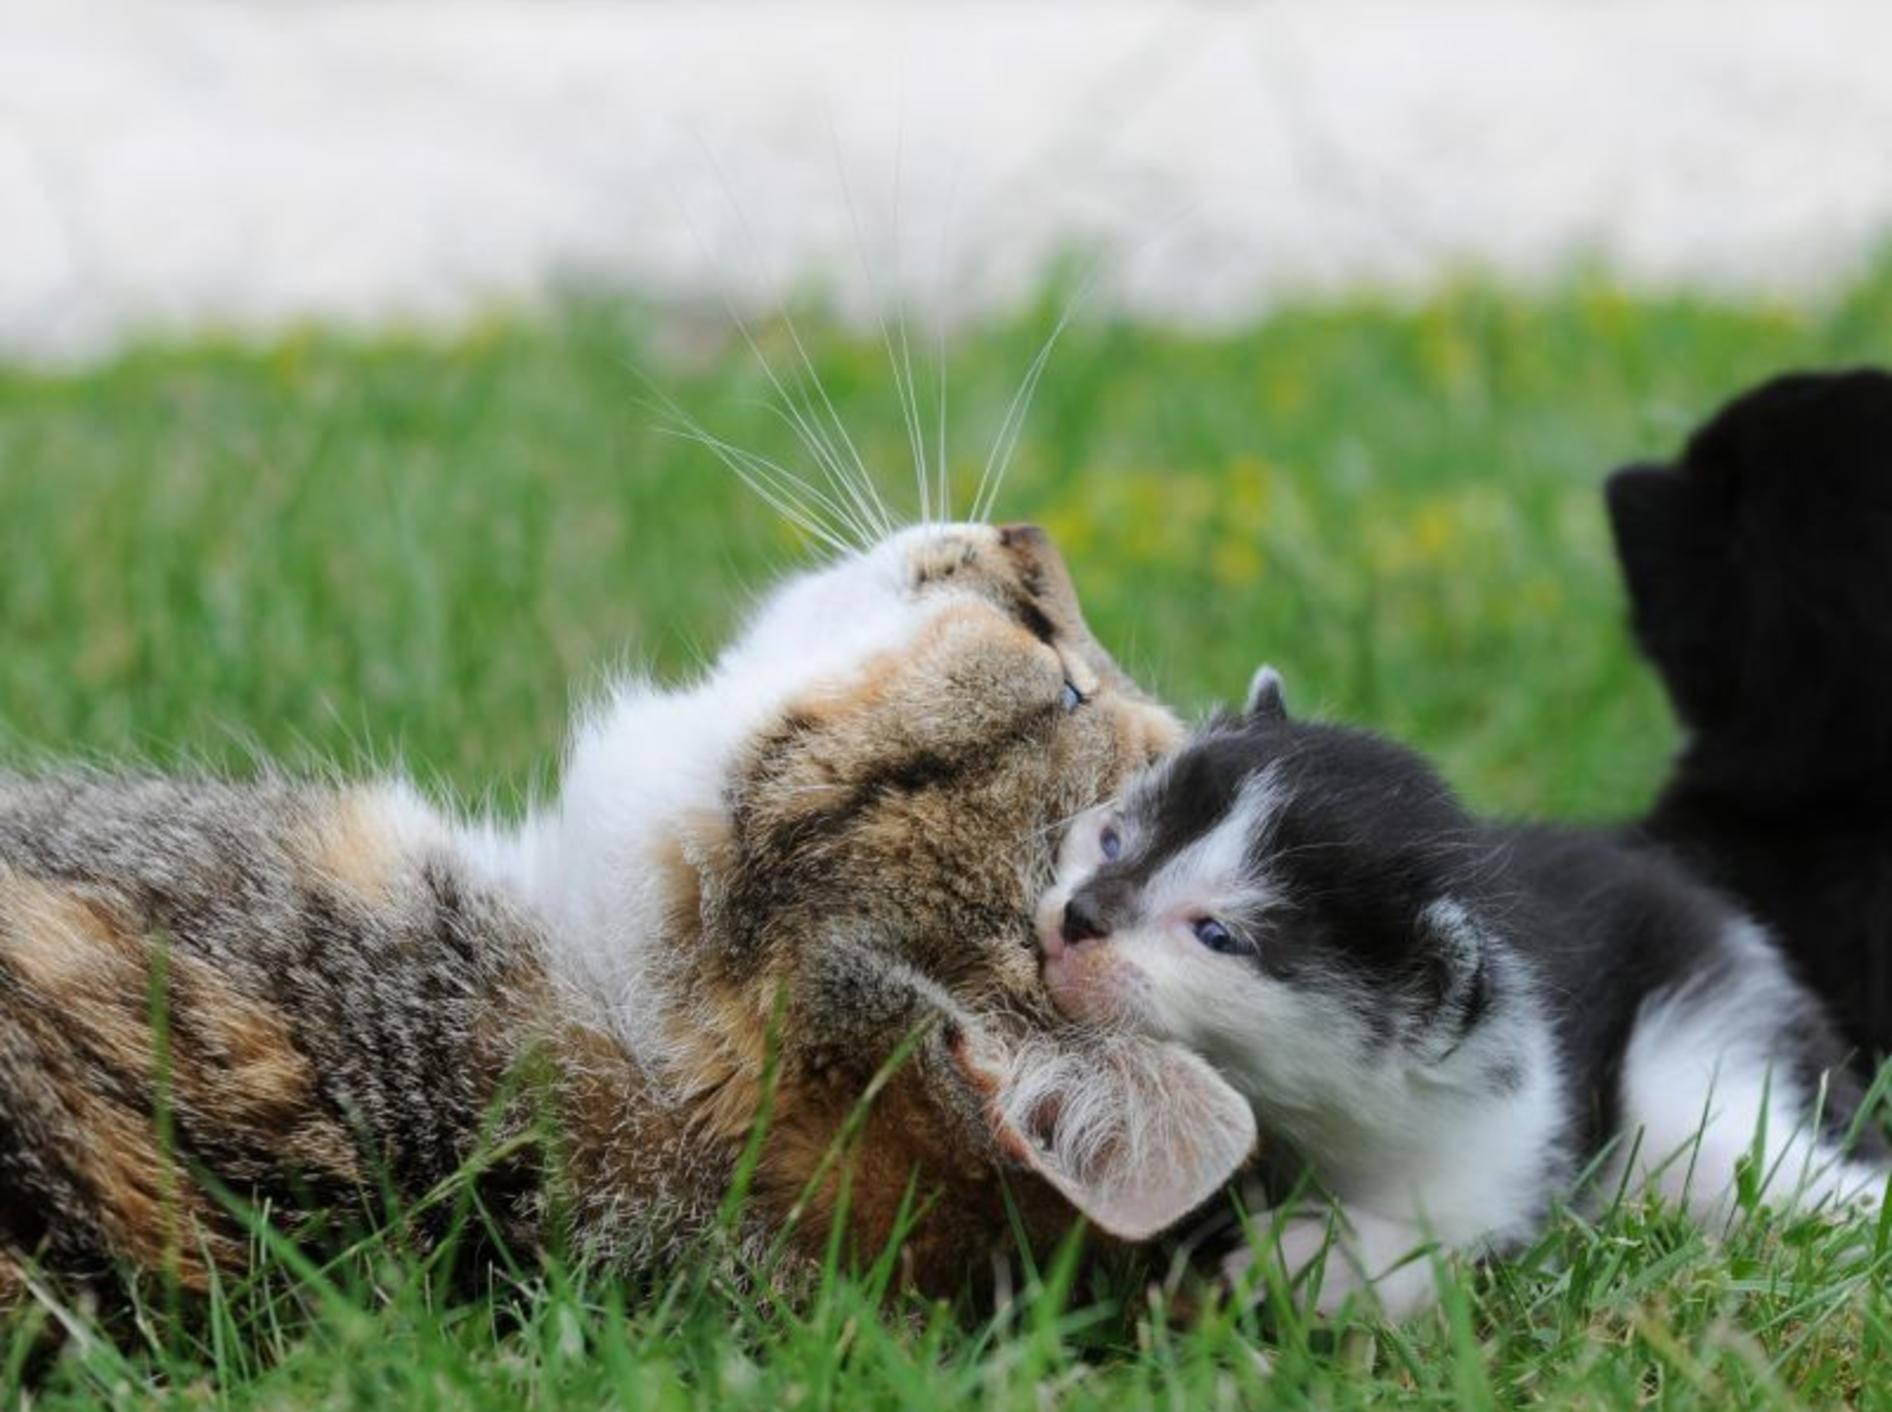 Der Mensch kann Katzenbabys unter zwölf Wochen ihre Mutter nicht ersetzen – Bild: Shutterstock / Schubbel